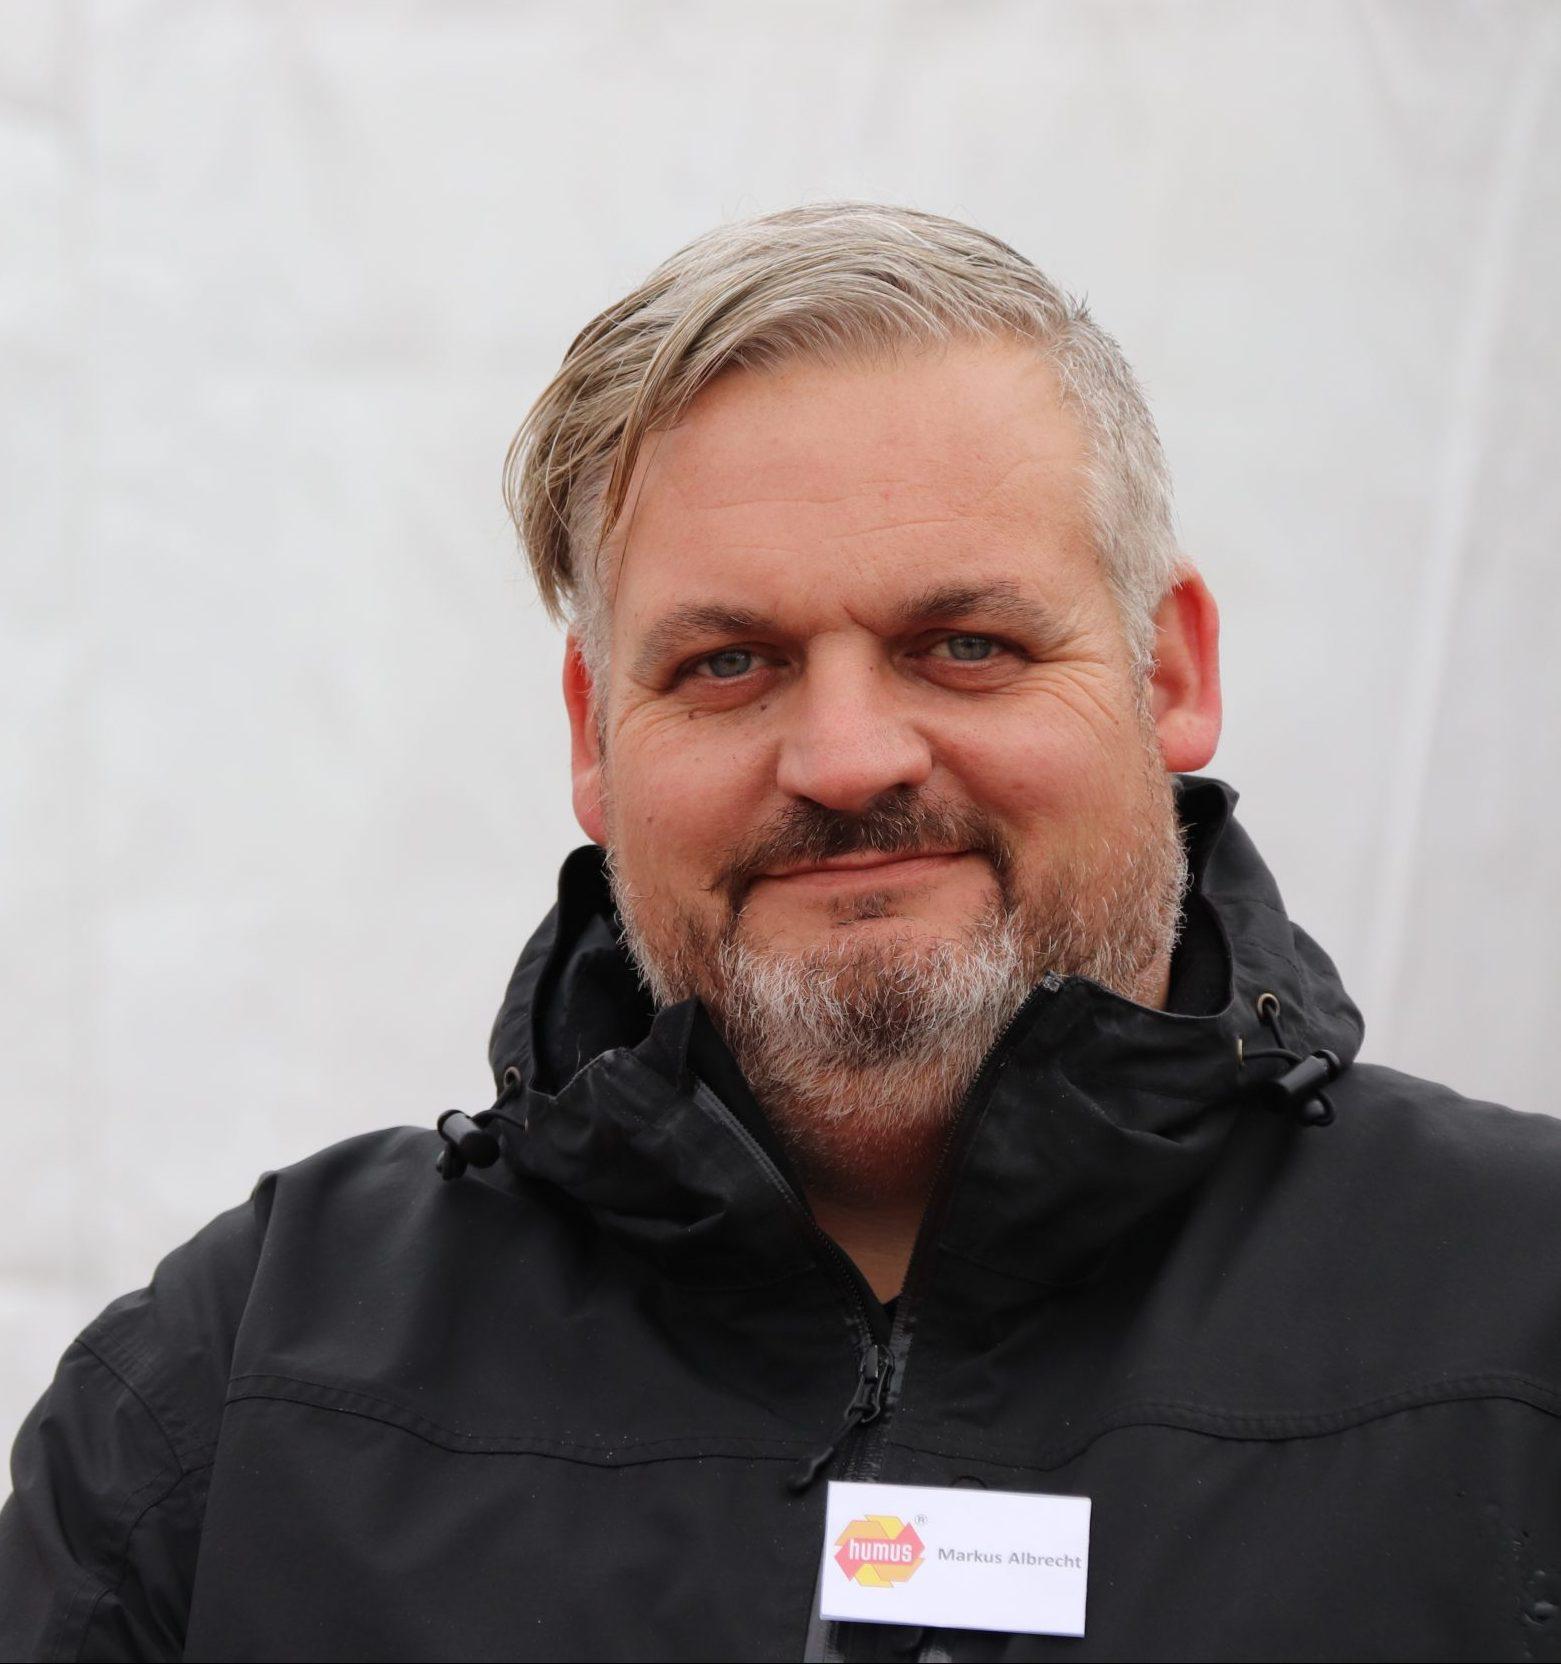 Markus Albrecht